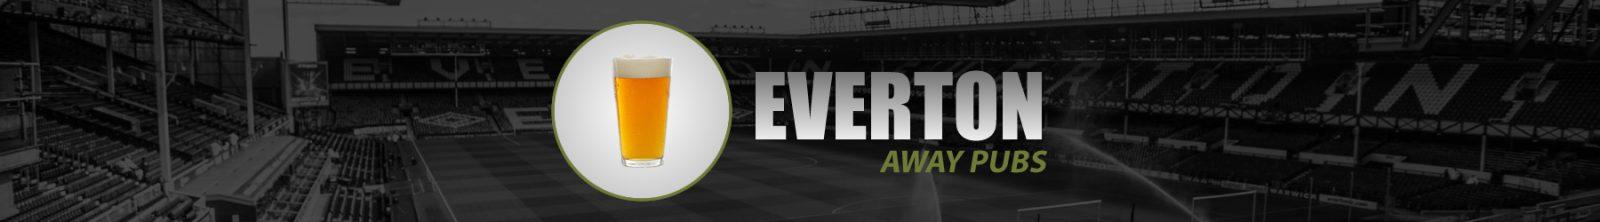 Everton Away Pubs